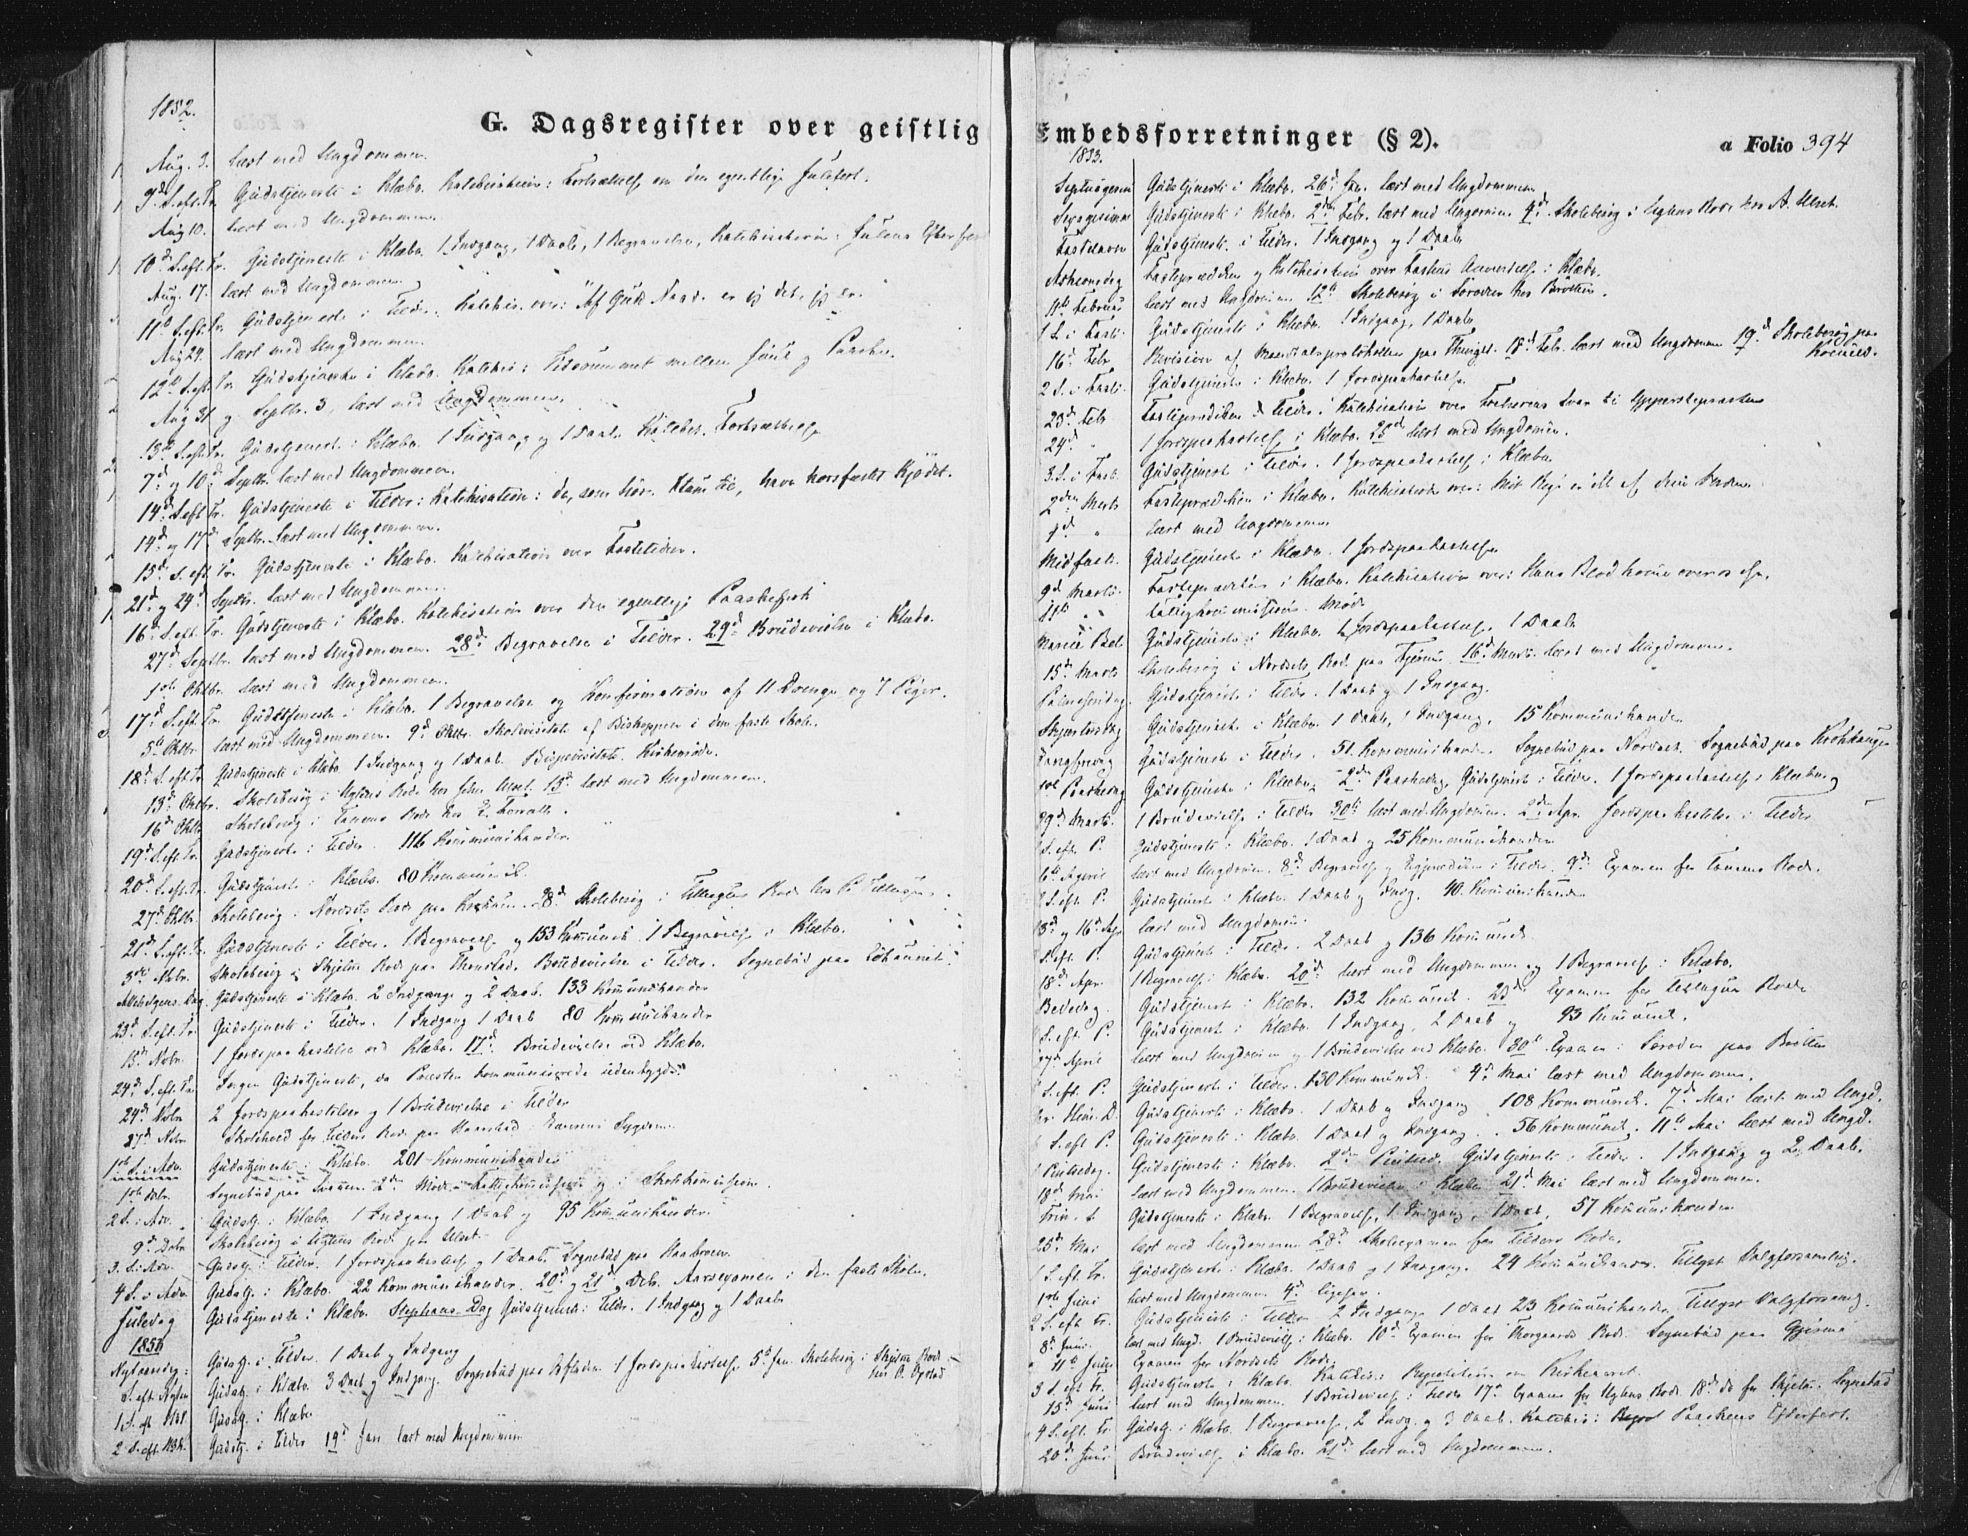 SAT, Ministerialprotokoller, klokkerbøker og fødselsregistre - Sør-Trøndelag, 618/L0441: Ministerialbok nr. 618A05, 1843-1862, s. 394